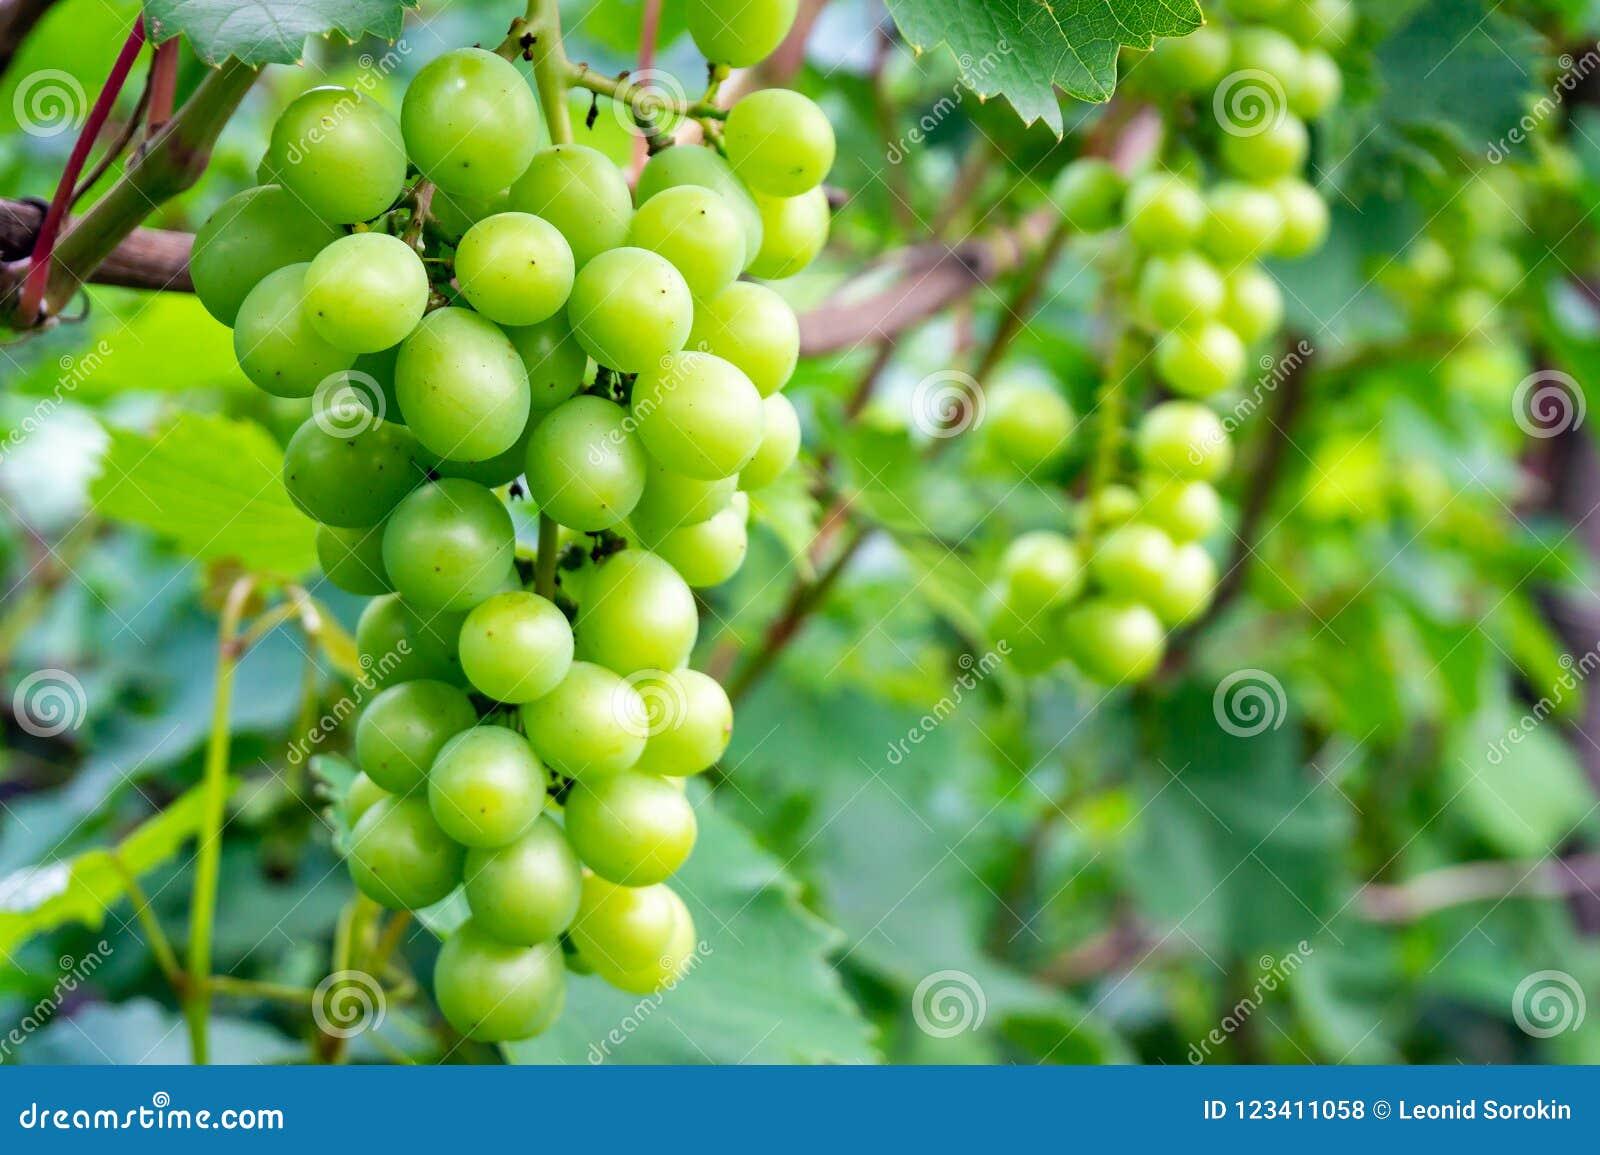 Wielka wiązka białego wina winogrona wiesza od winogradu z zielonymi liśćmi